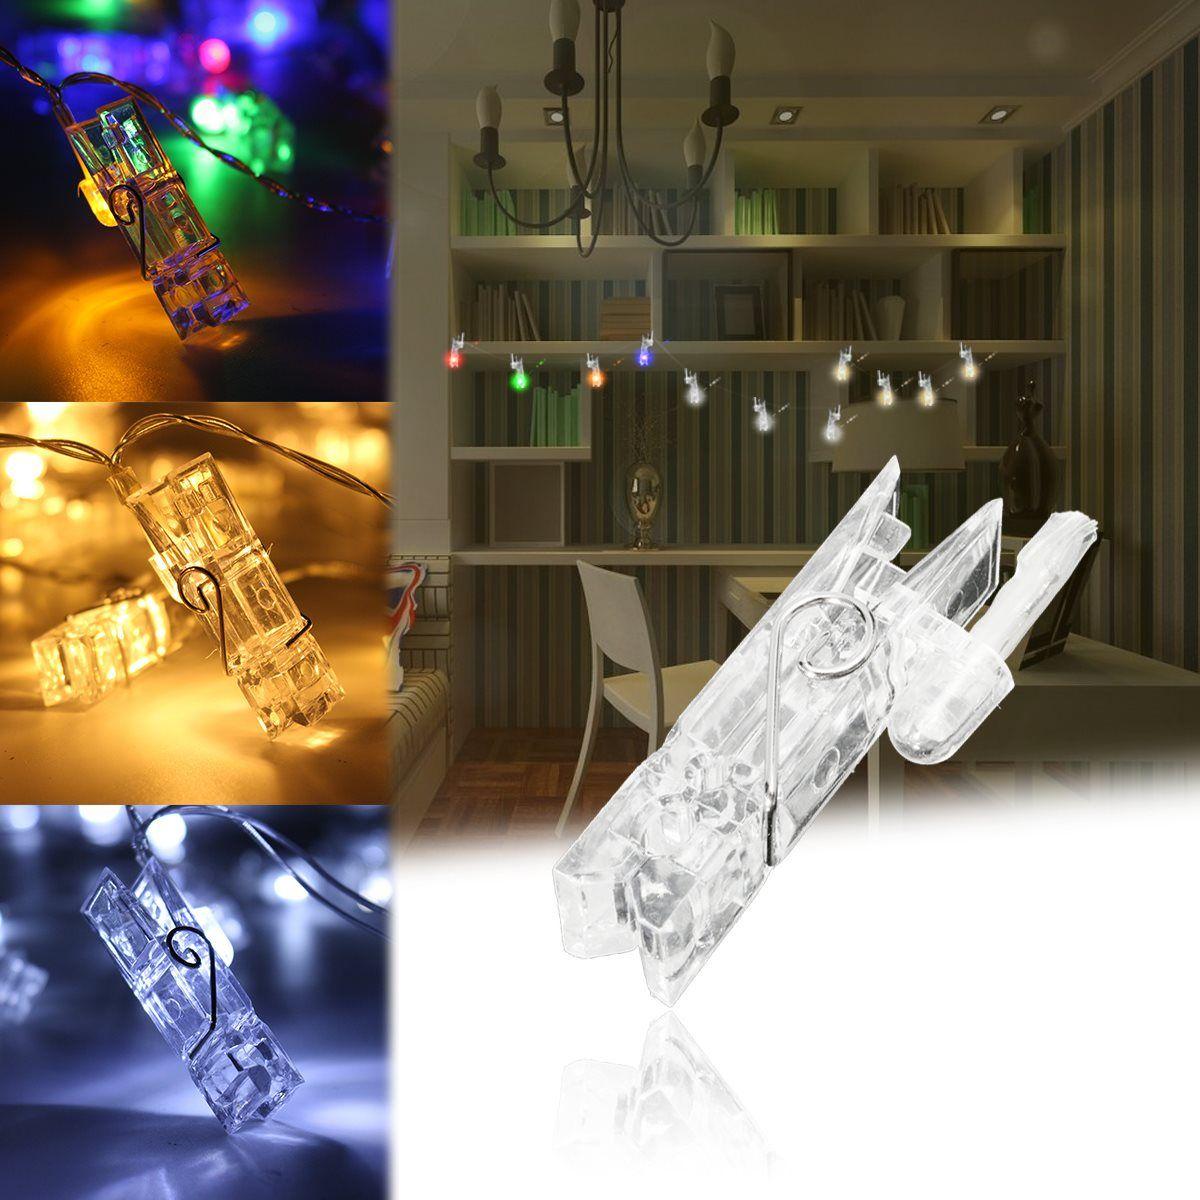 4 м Мини 40 LED Клип строки Батарея автомобиля Рождество огни Новый год свадьбу украшения дома гирляндой Батарея